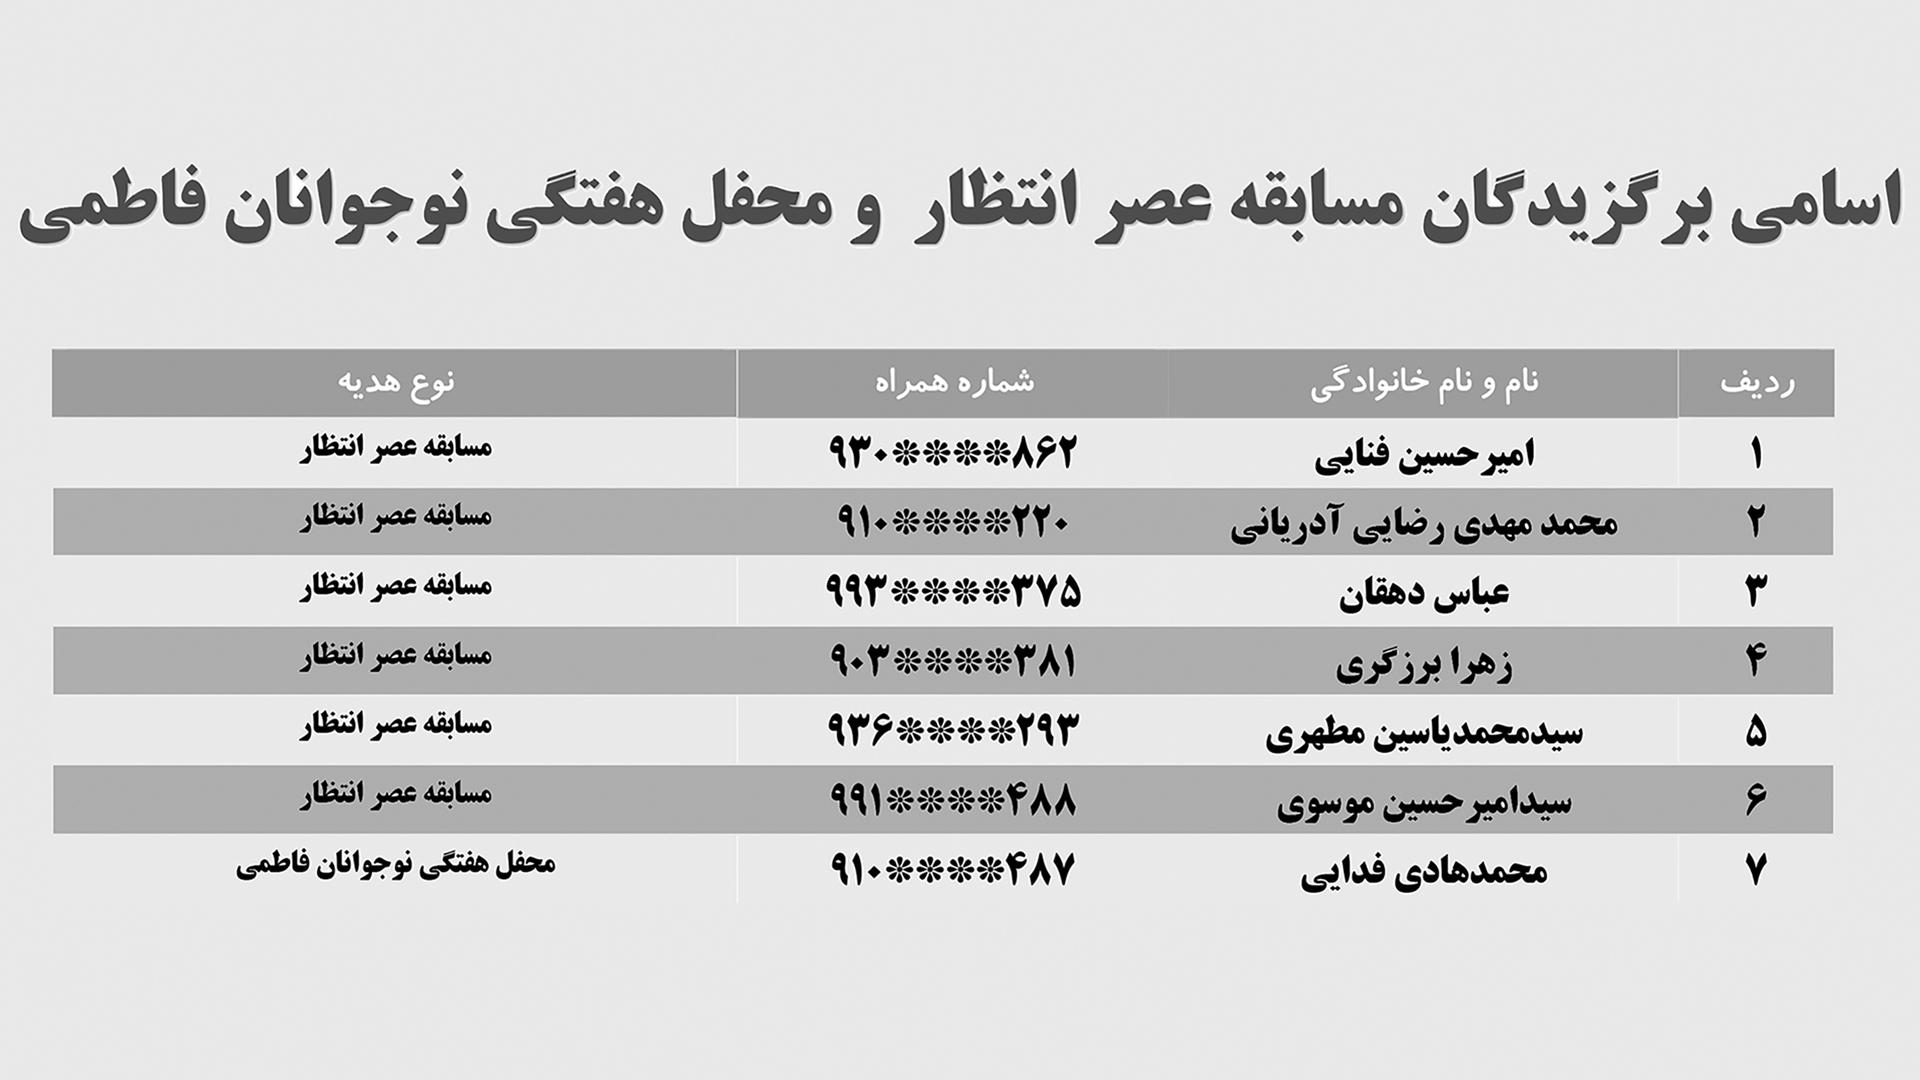 نتایج مسابقه عصر انتظار و محفل هفتگی